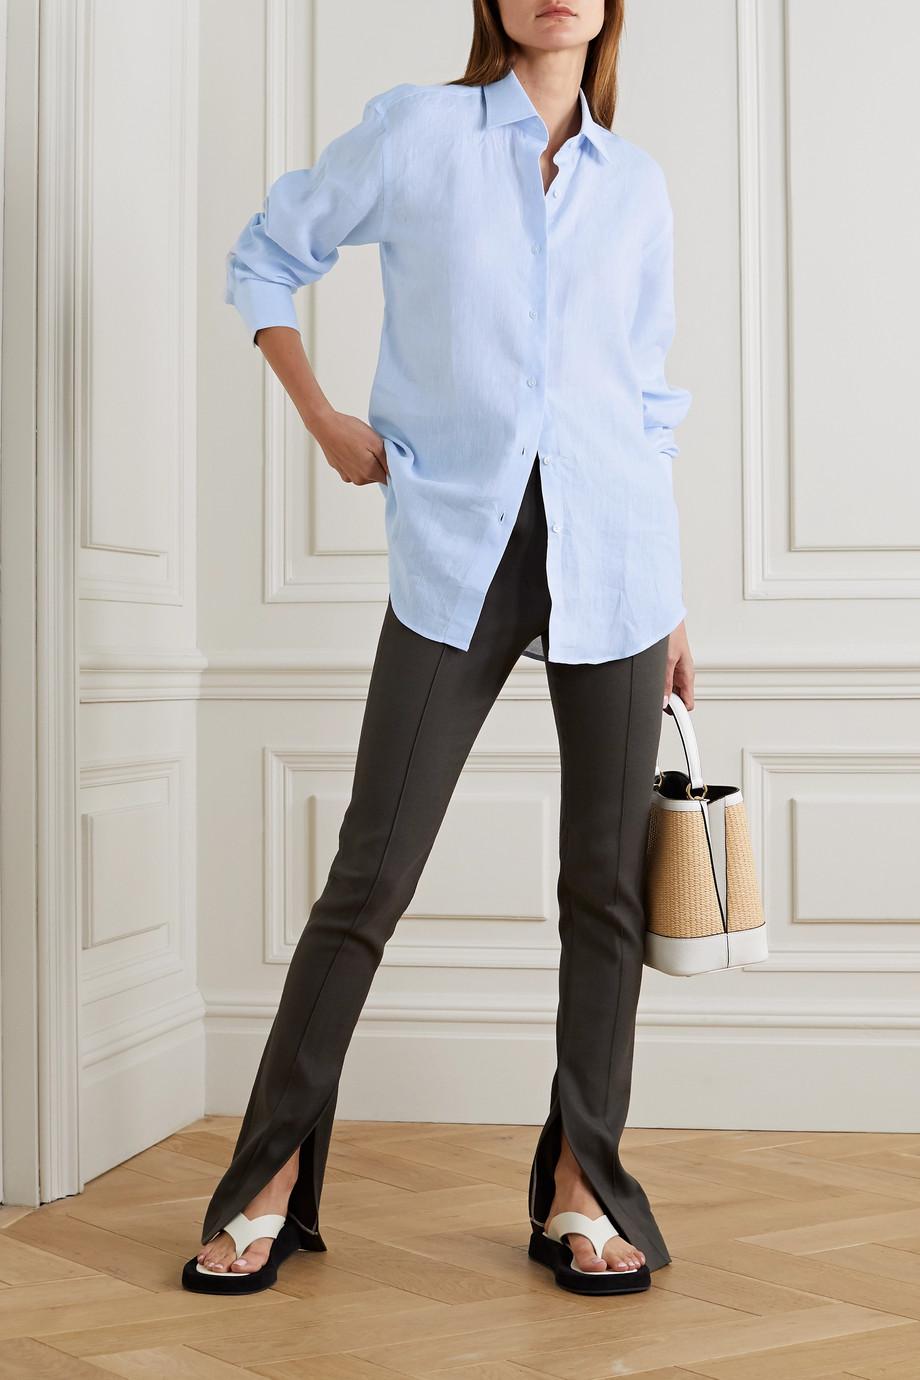 Emma Willis Jermyn Street linen shirt